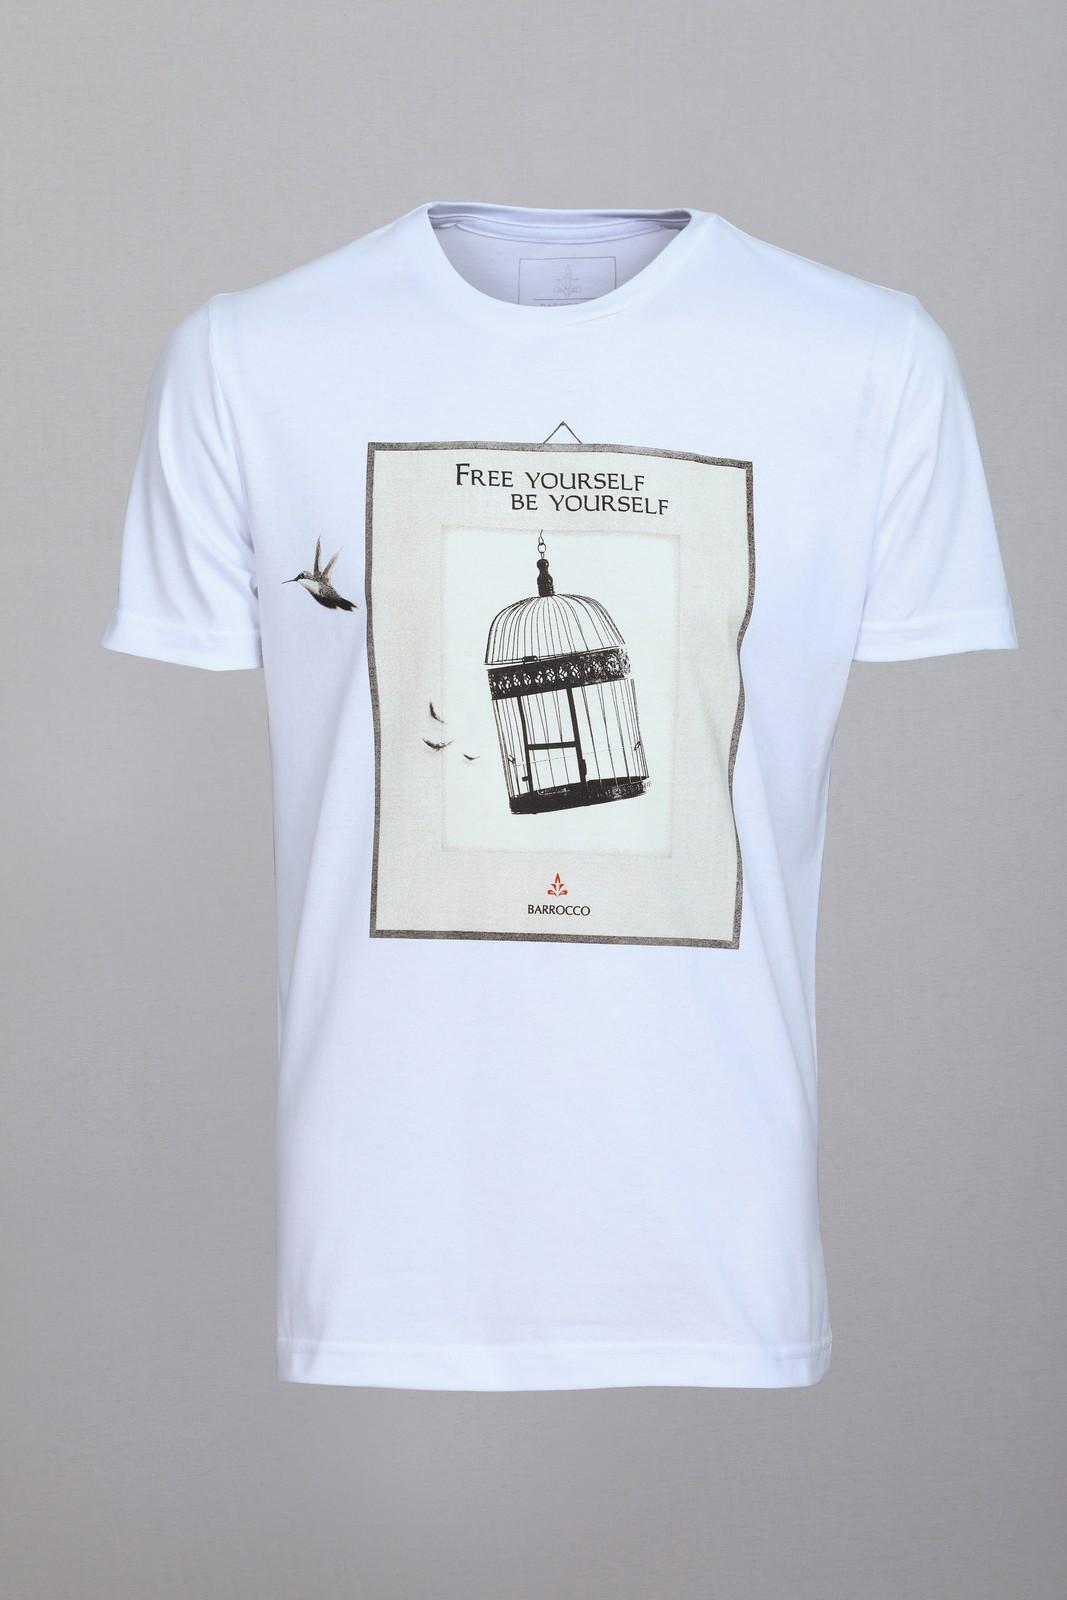 Camiseta Barrocco Free Yourself - FRETE GRÁTIS